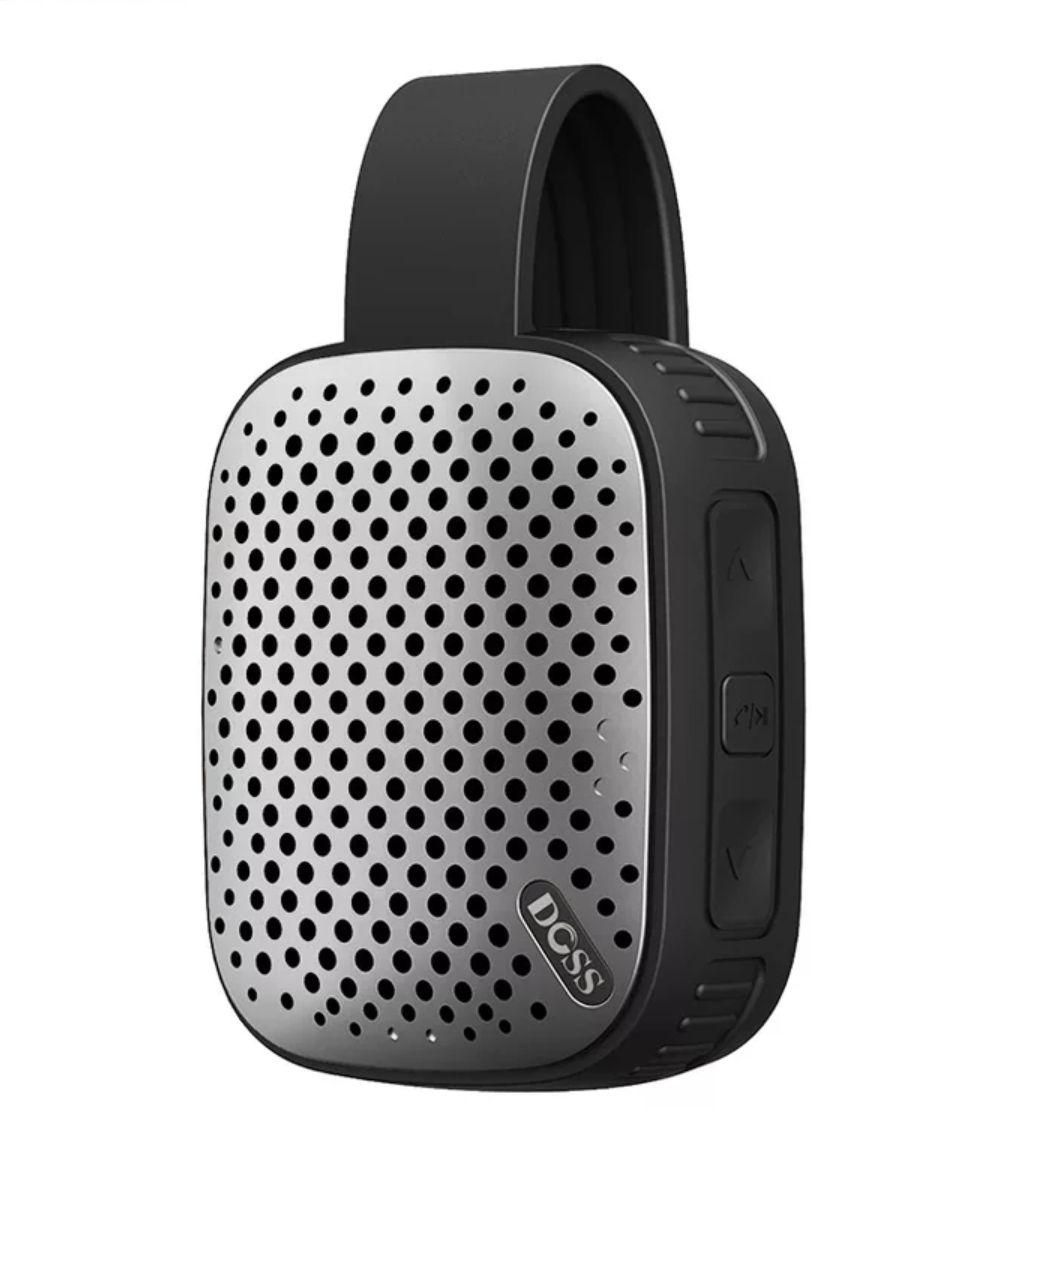 Głośnik bluetooth DOSS MINI 5W. IPX4 wodo i pyłoszczelny. Cena :  14,94 $